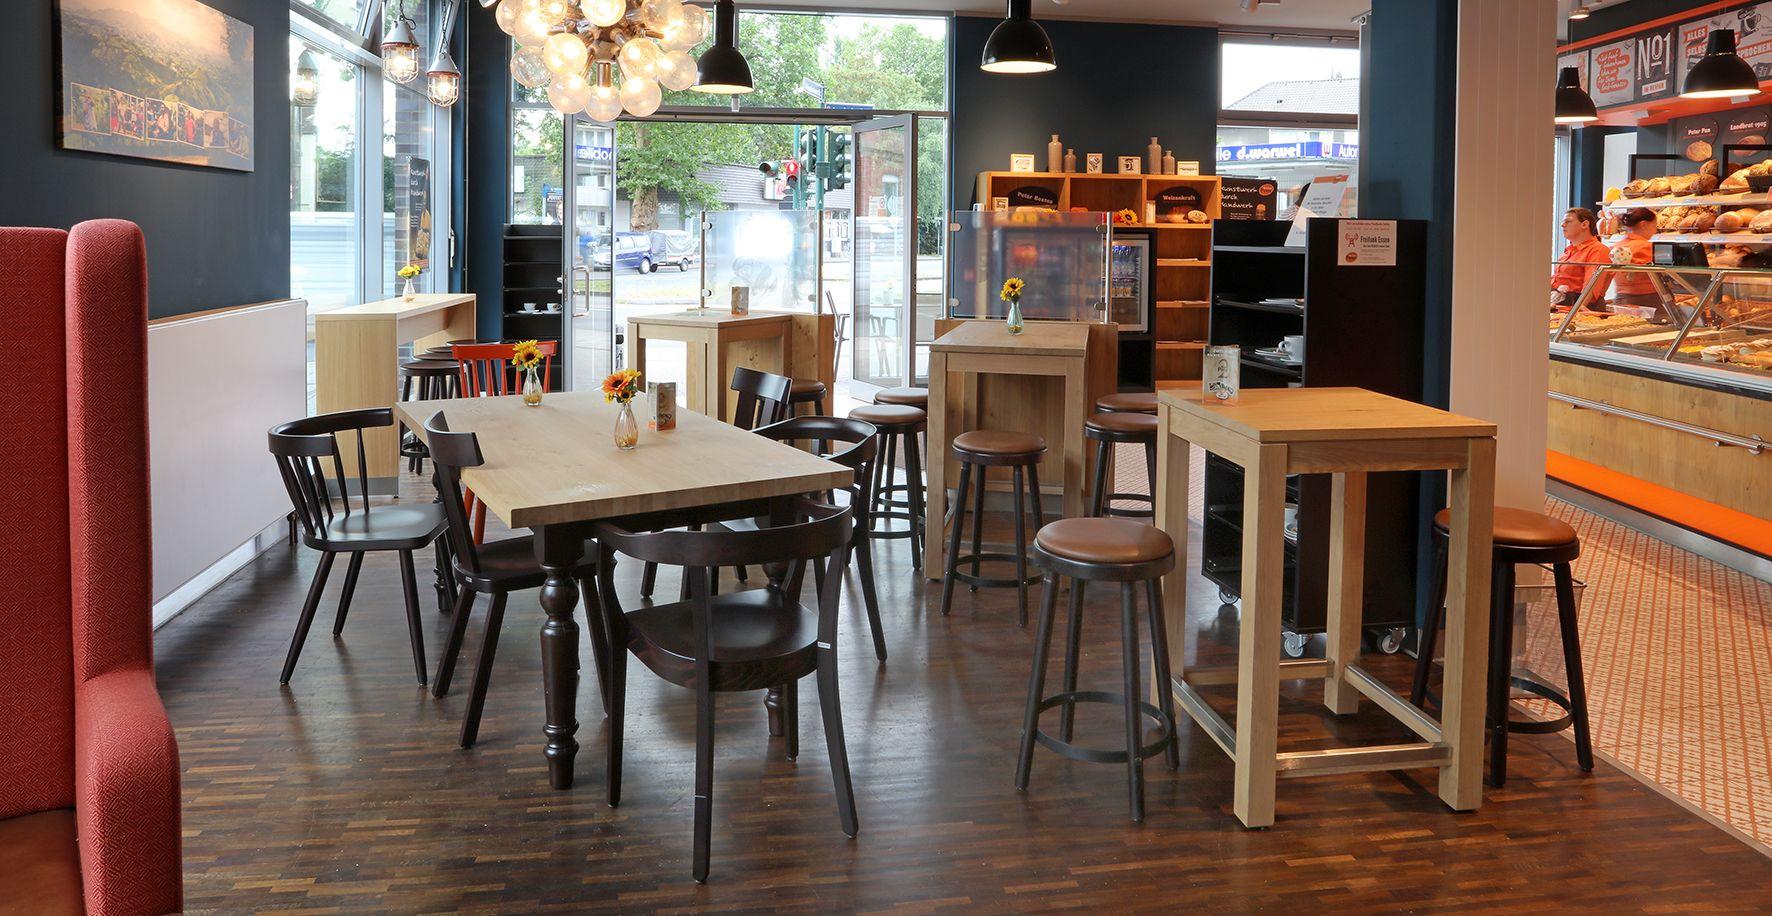 Anspruchsvoll Schnieder Stuhlfabrik Beste Wahl Einrichtung Bäckerei + Café Essen I |